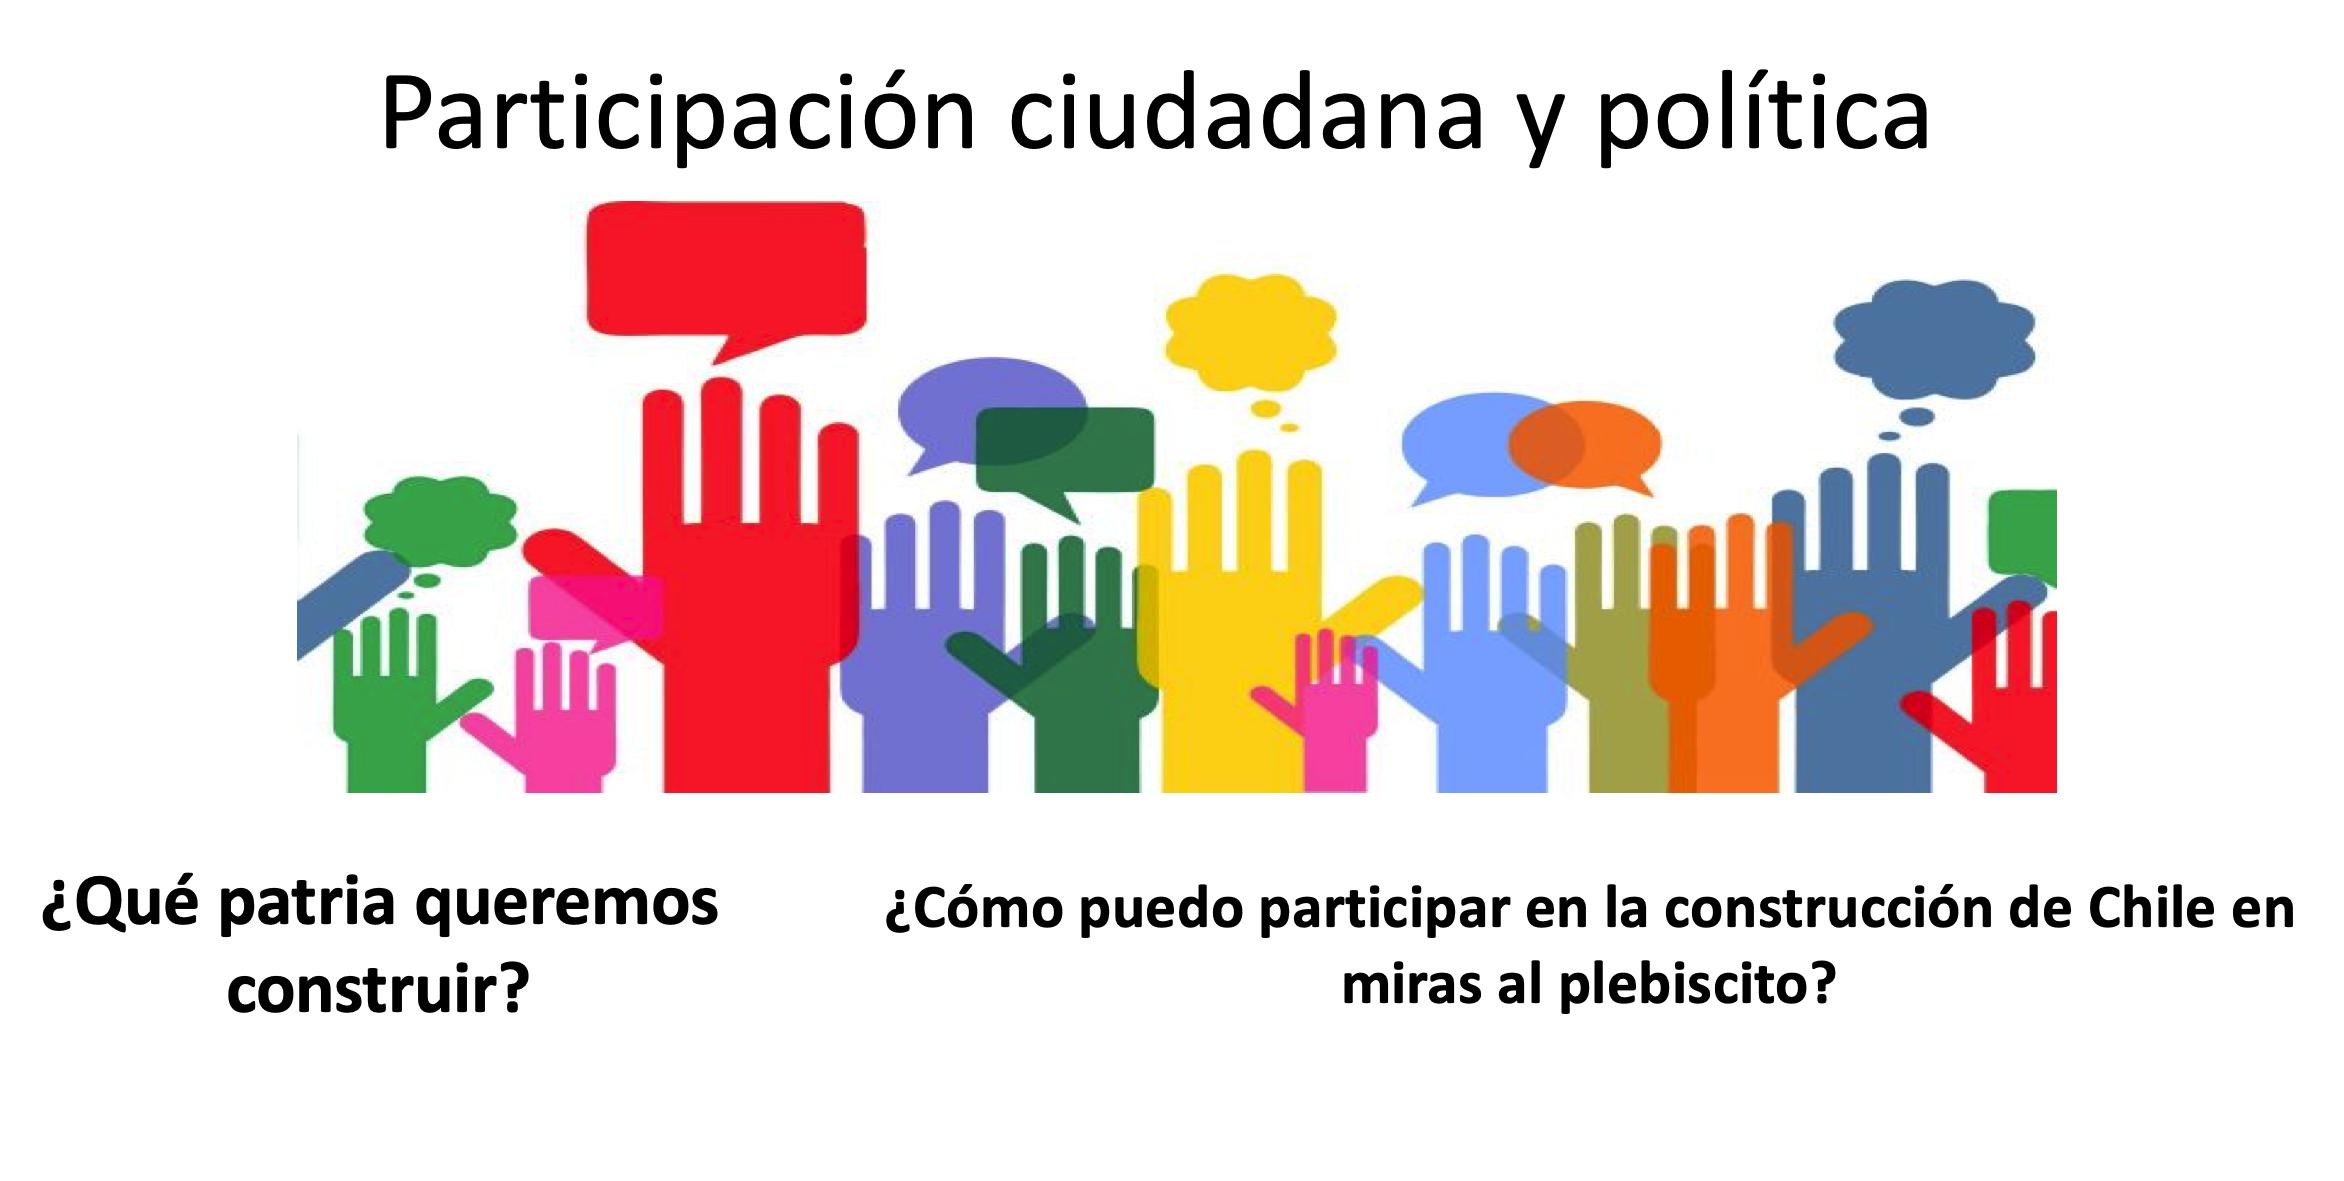 Participación ciudadana y política